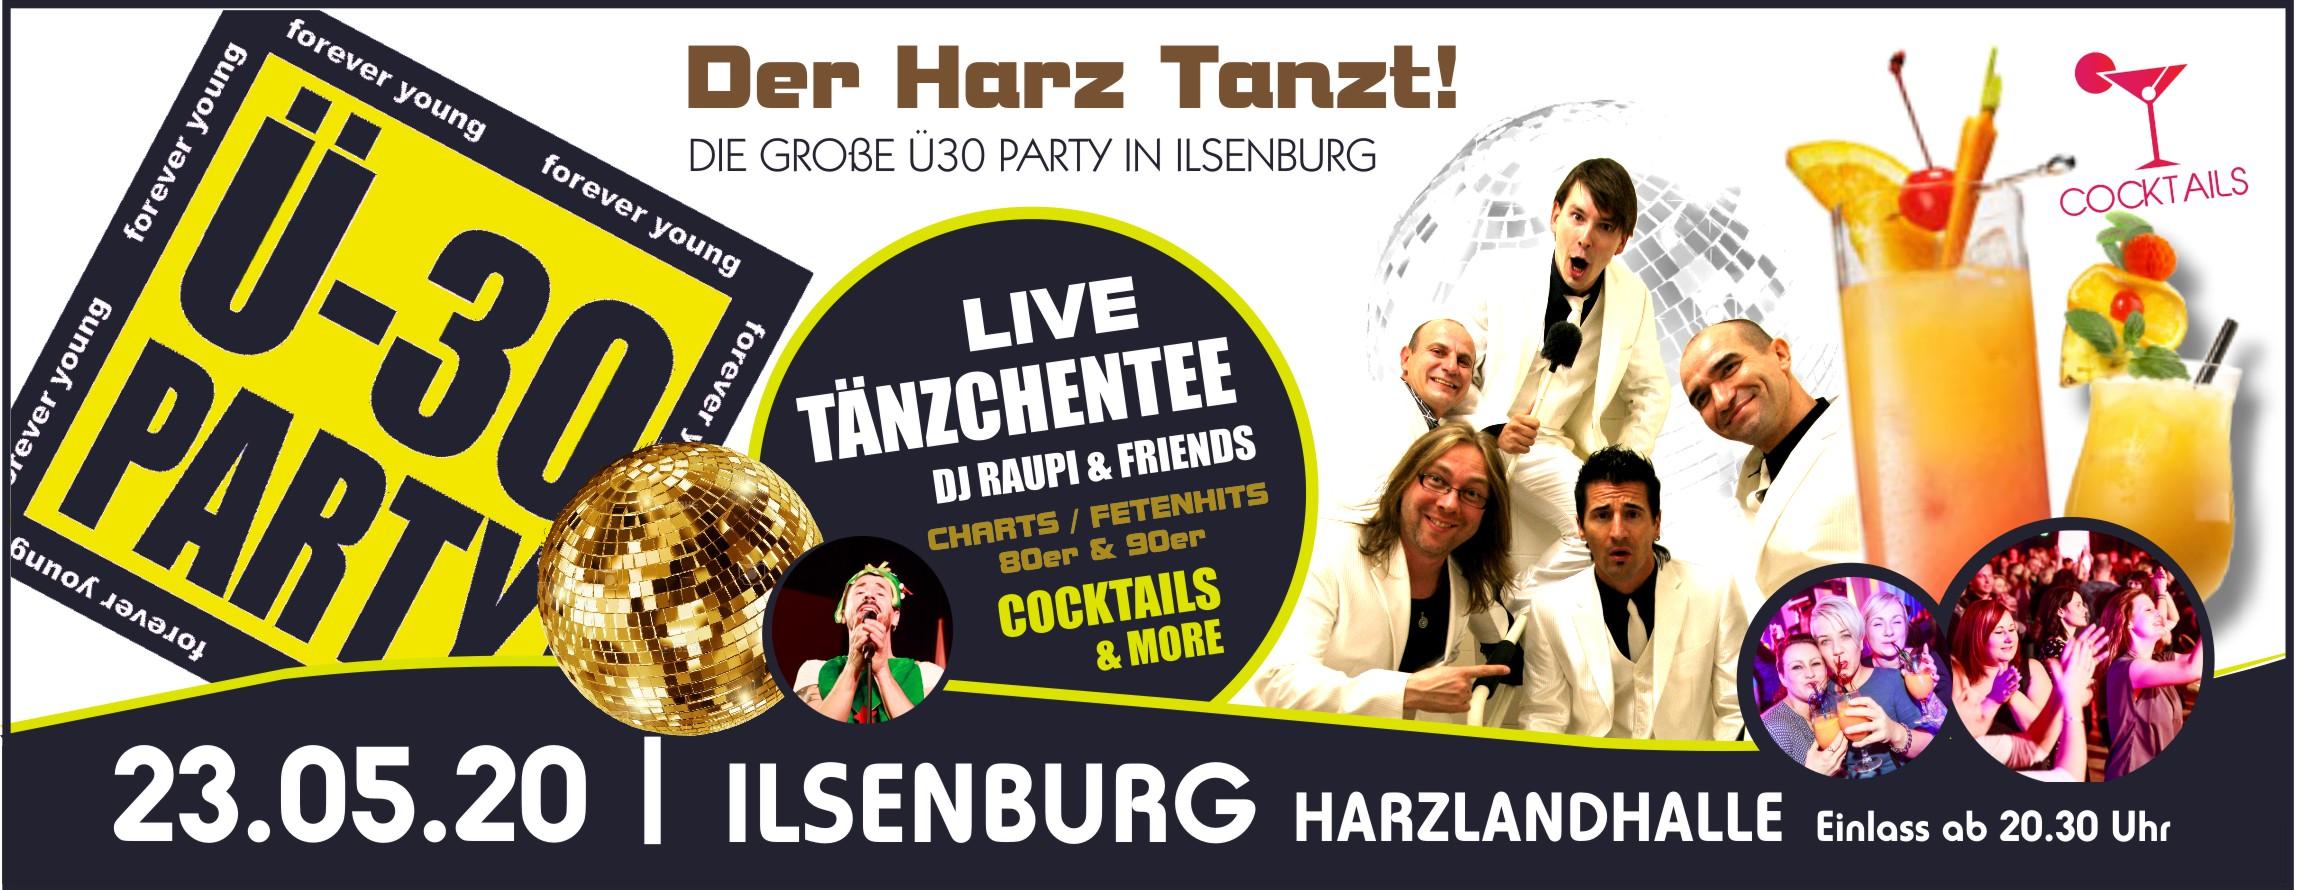 2020 05 23 Harz